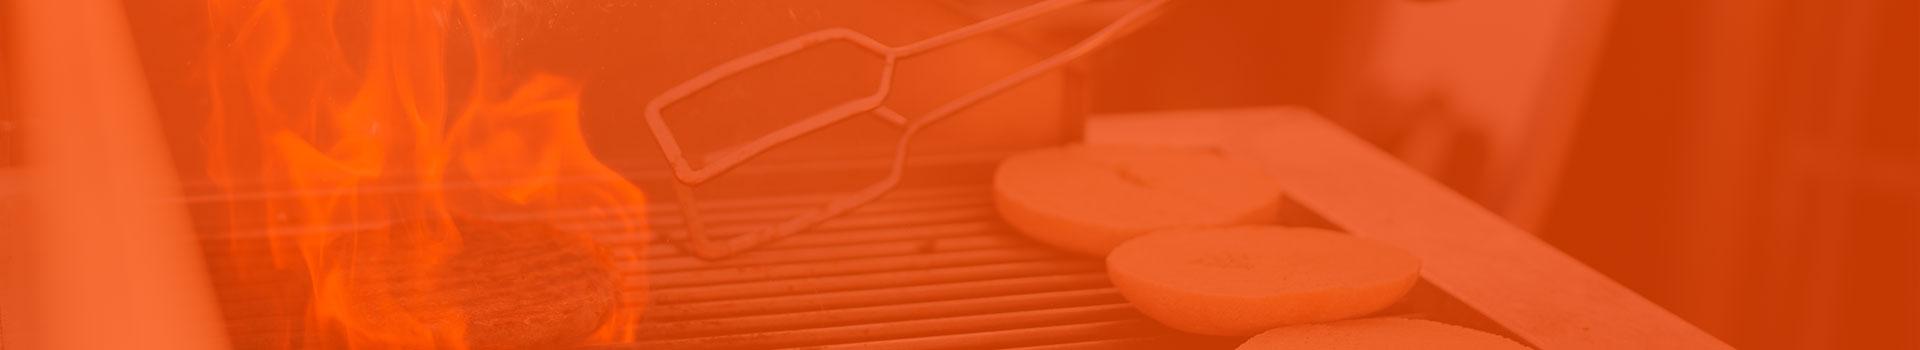 Wakeboard-Anlage mieten